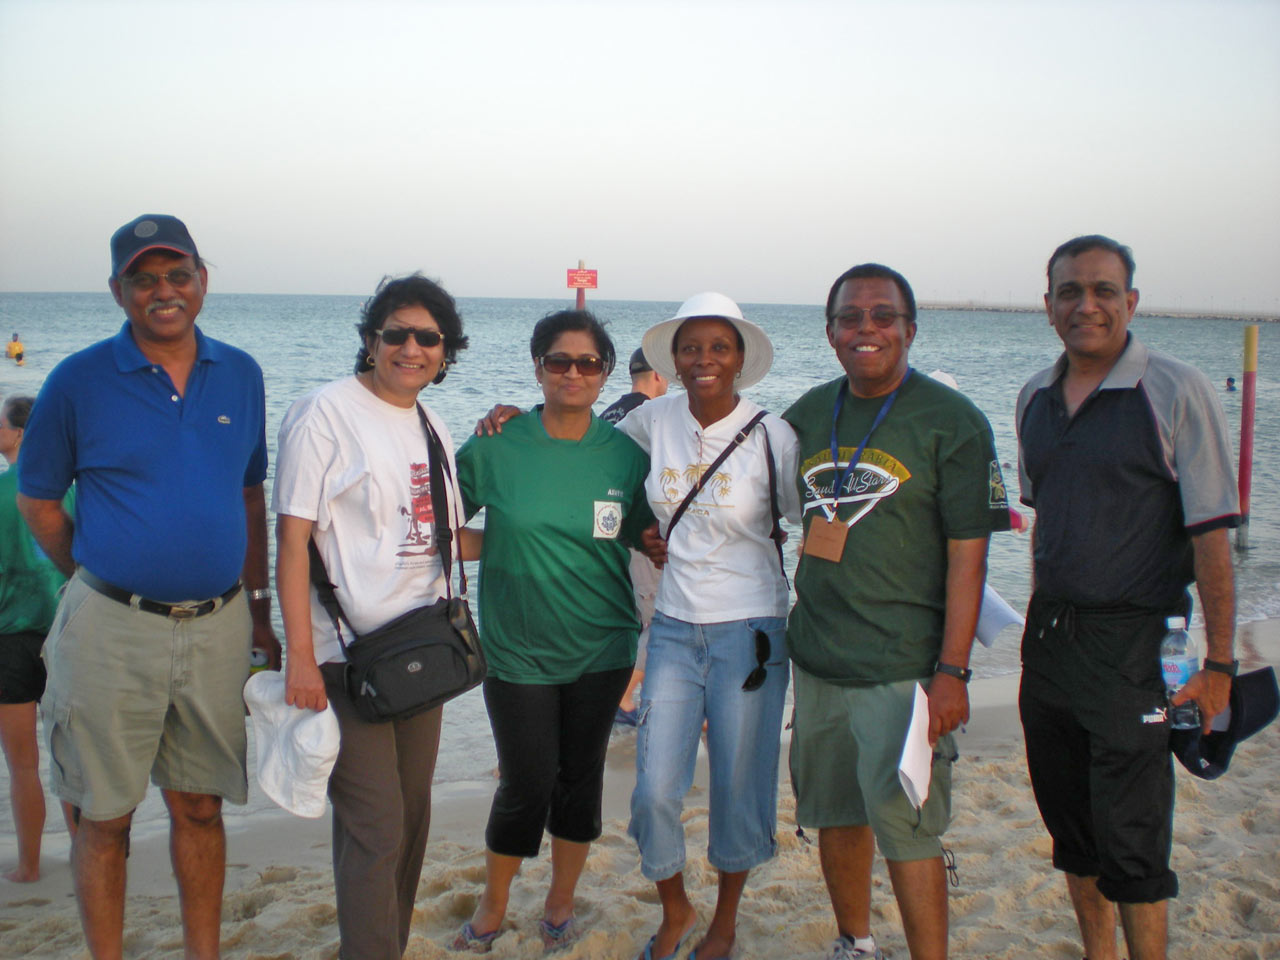 Quarrayah Beach Raft Race 2010